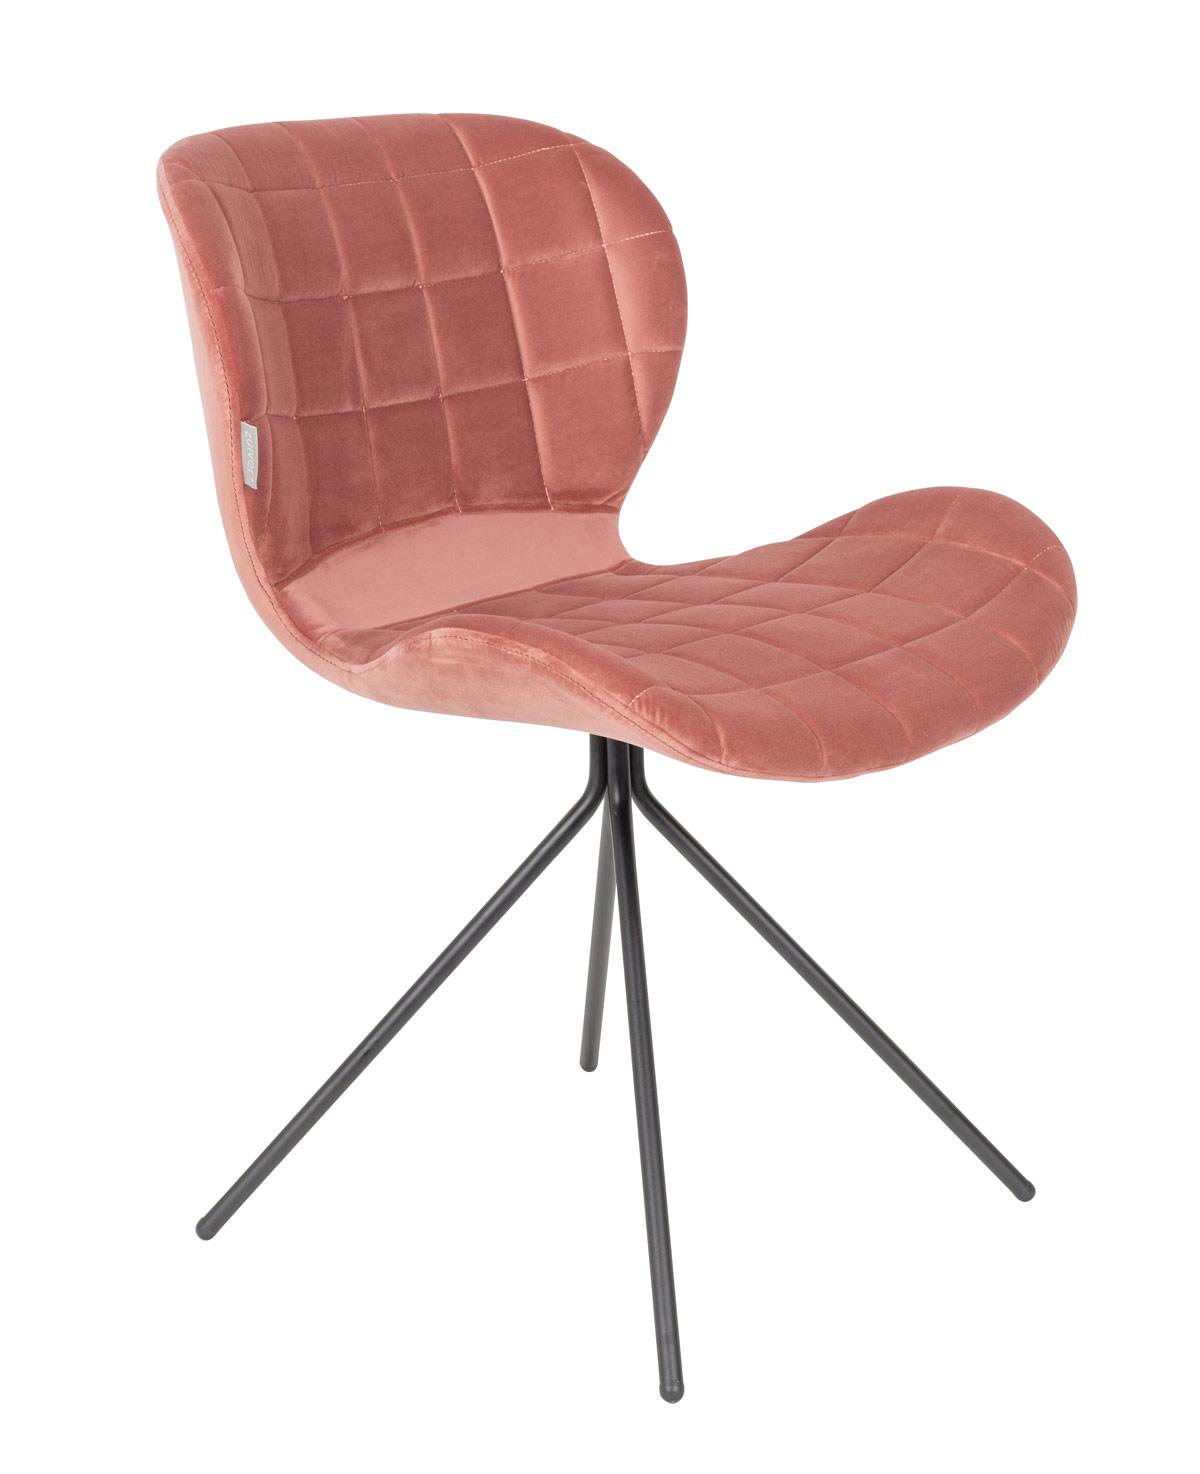 esszimmerstuhl omg velvet samt rosa von zuiver. Black Bedroom Furniture Sets. Home Design Ideas